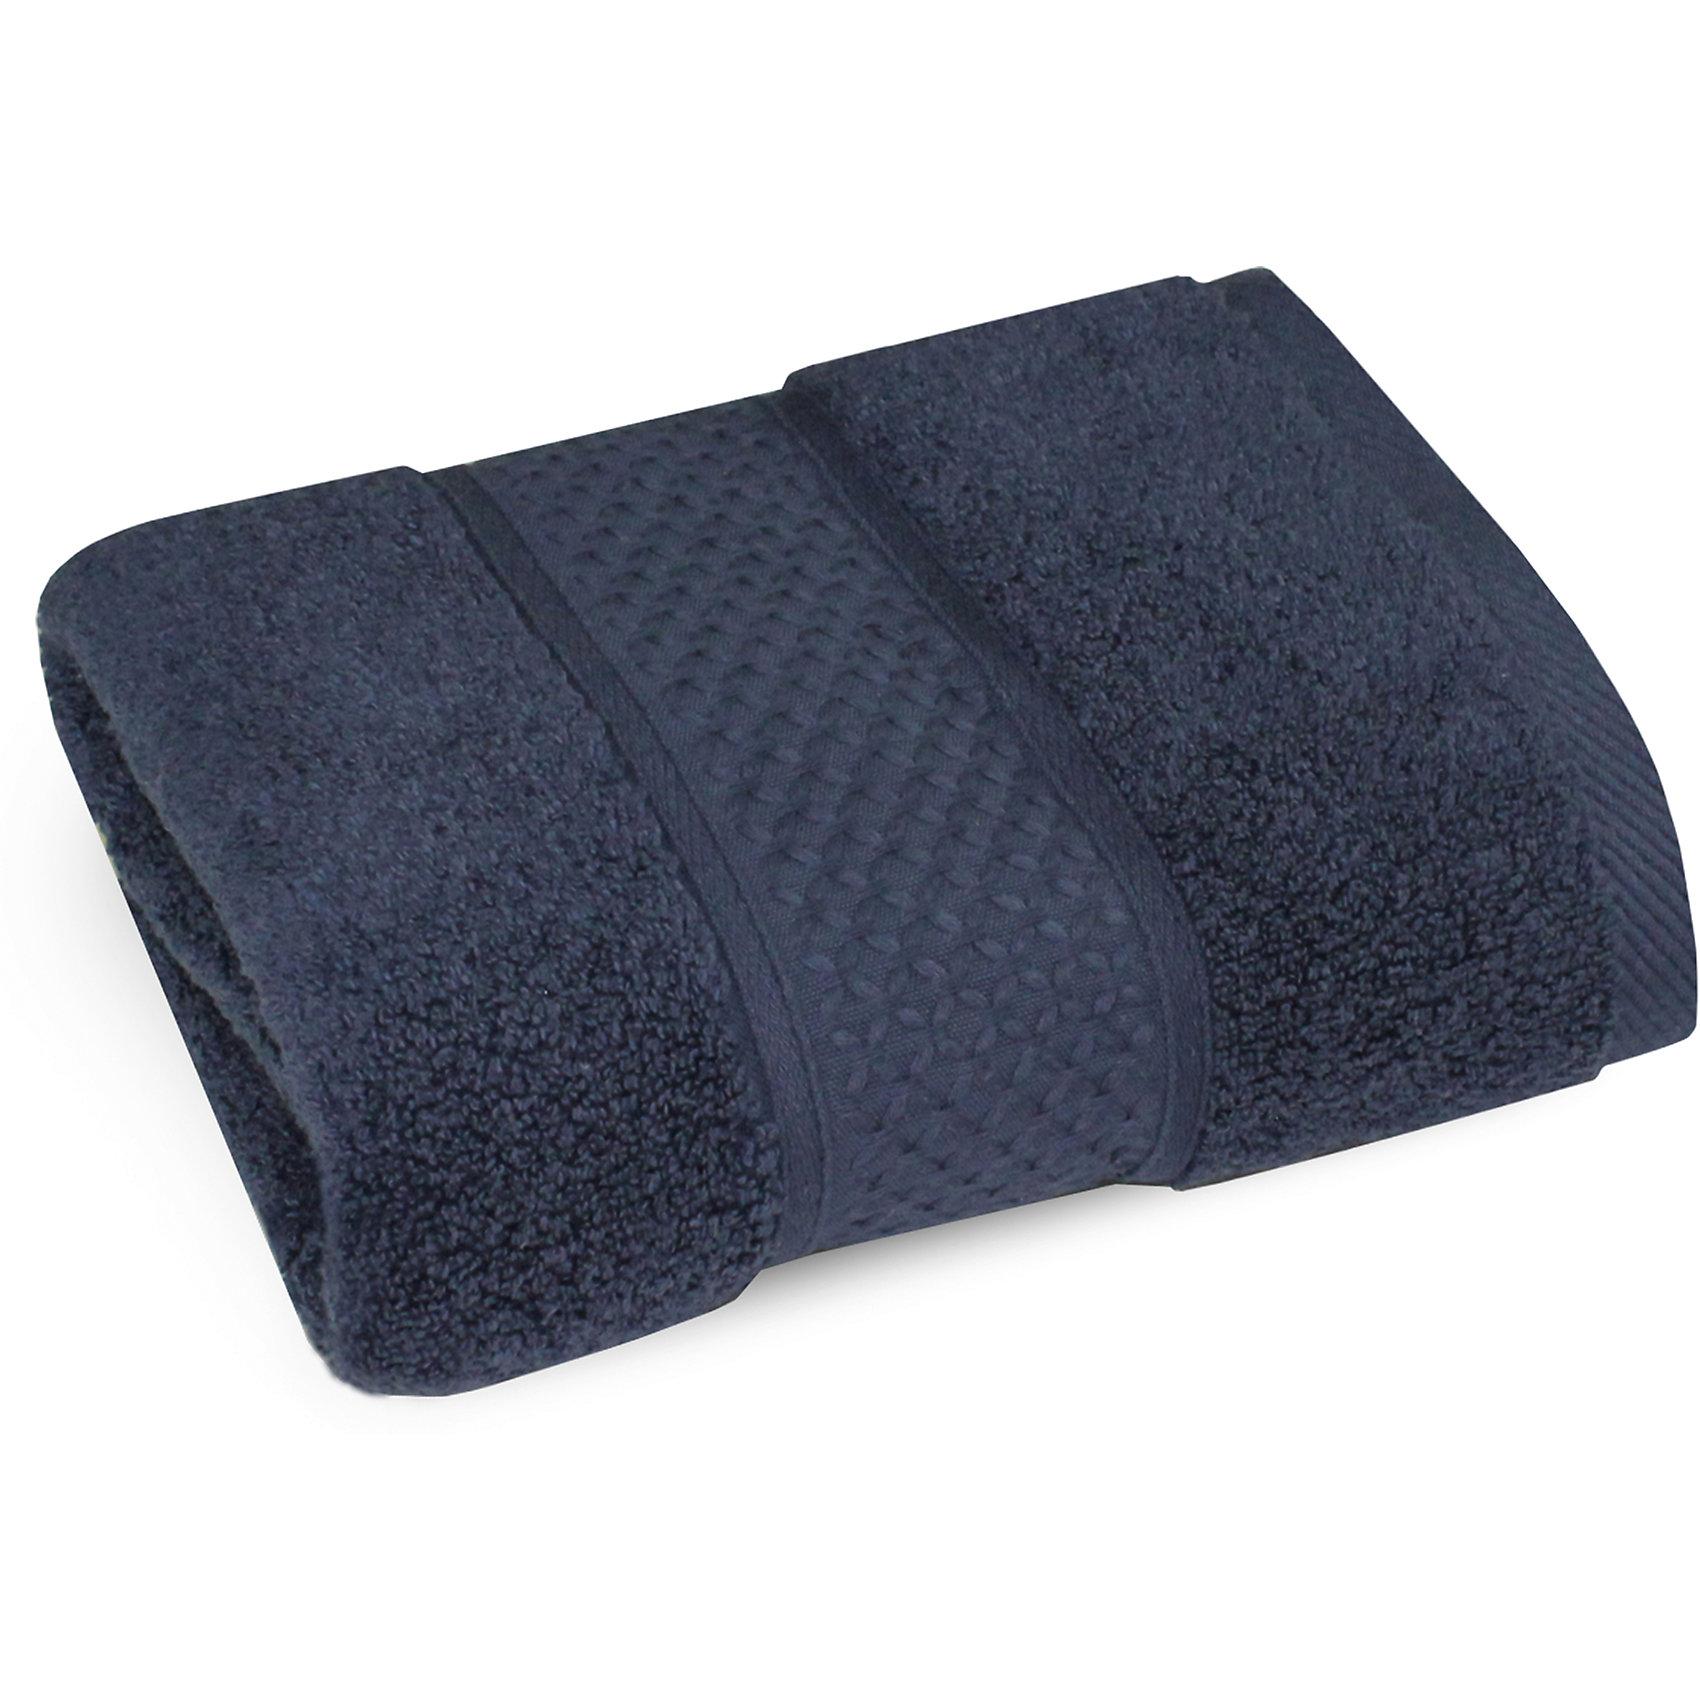 Полотенце махровое 30*70, Cozy Home, темно-синийВанная комната<br>Полотенце махровое 30*70, Cozy Home (Кози Хоум), темно-синий<br><br>Характеристики:<br><br>• гиполлергенное и мягкое полотенце<br>• хорошо впитывает влагу<br>• легко стирать<br>• материал: хлопок<br>• размер: 30х70 см<br>• цвет: темно-синий<br><br>Классическое махровое полотенце - отличный вариант для вашей ванной комнаты. Полотенце от Cozy Home выполнено из качественного хлопка, обладающего высокой гигроскопичностью. Оно быстро впитает влагу и подарит вам сухость и комфорт. Кроме того, полотенце устойчиво к выцветанию и деформации. Нежные и мягкие хлопковые волокна не вызывают раздражения и аллергии, а также препятствуют появлению бактерий. Полотенце украшено узором по краю. Приятный дизайн станет прекрасным дополнением к интерьеру ванной комнаты.<br><br>Полотенце махровое 30*70, Cozy Home (Кози Хоум), темно-синий вы можете купить в нашем интернет-магазине.<br><br>Ширина мм: 150<br>Глубина мм: 250<br>Высота мм: 150<br>Вес г: 150<br>Возраст от месяцев: 0<br>Возраст до месяцев: 216<br>Пол: Мужской<br>Возраст: Детский<br>SKU: 5355273